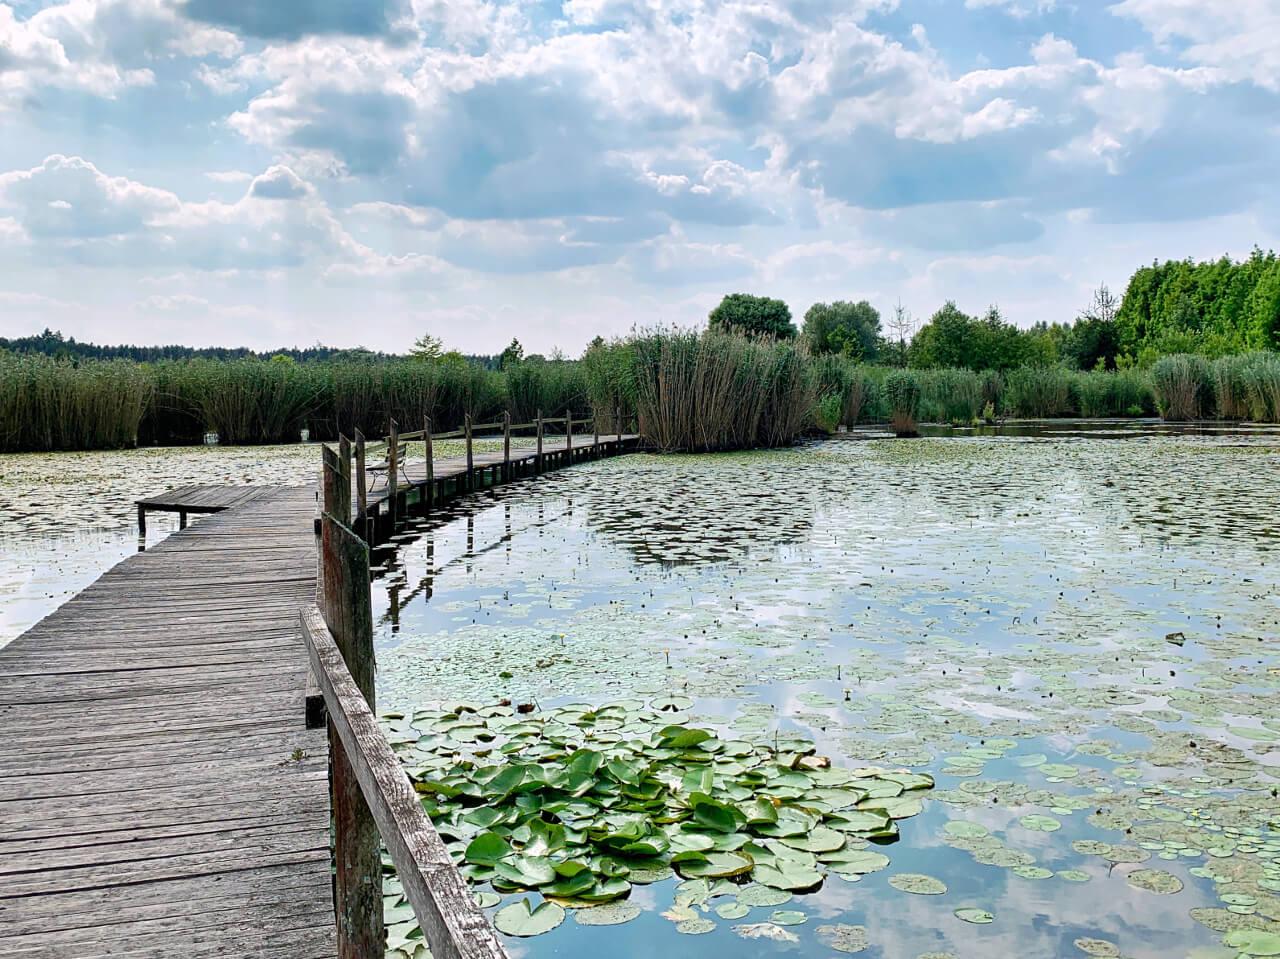 Arboretum Leśne Stradomia Wierzchnia8 Obok Sycowa Ciekawe Miejsca Atrakcje